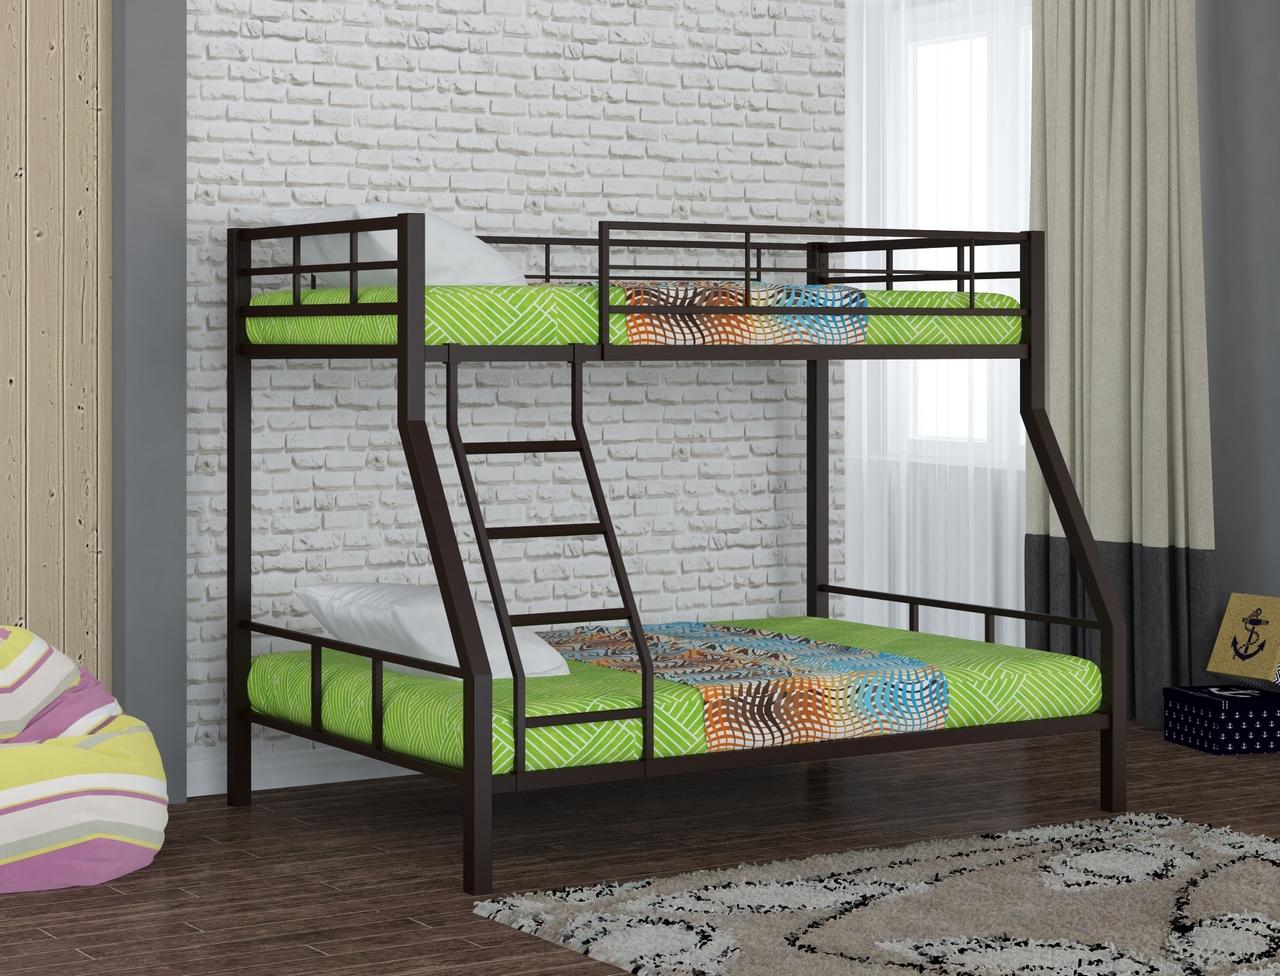 Металлическая двухъярусная кровать Redford Гранада 1 Коричневый